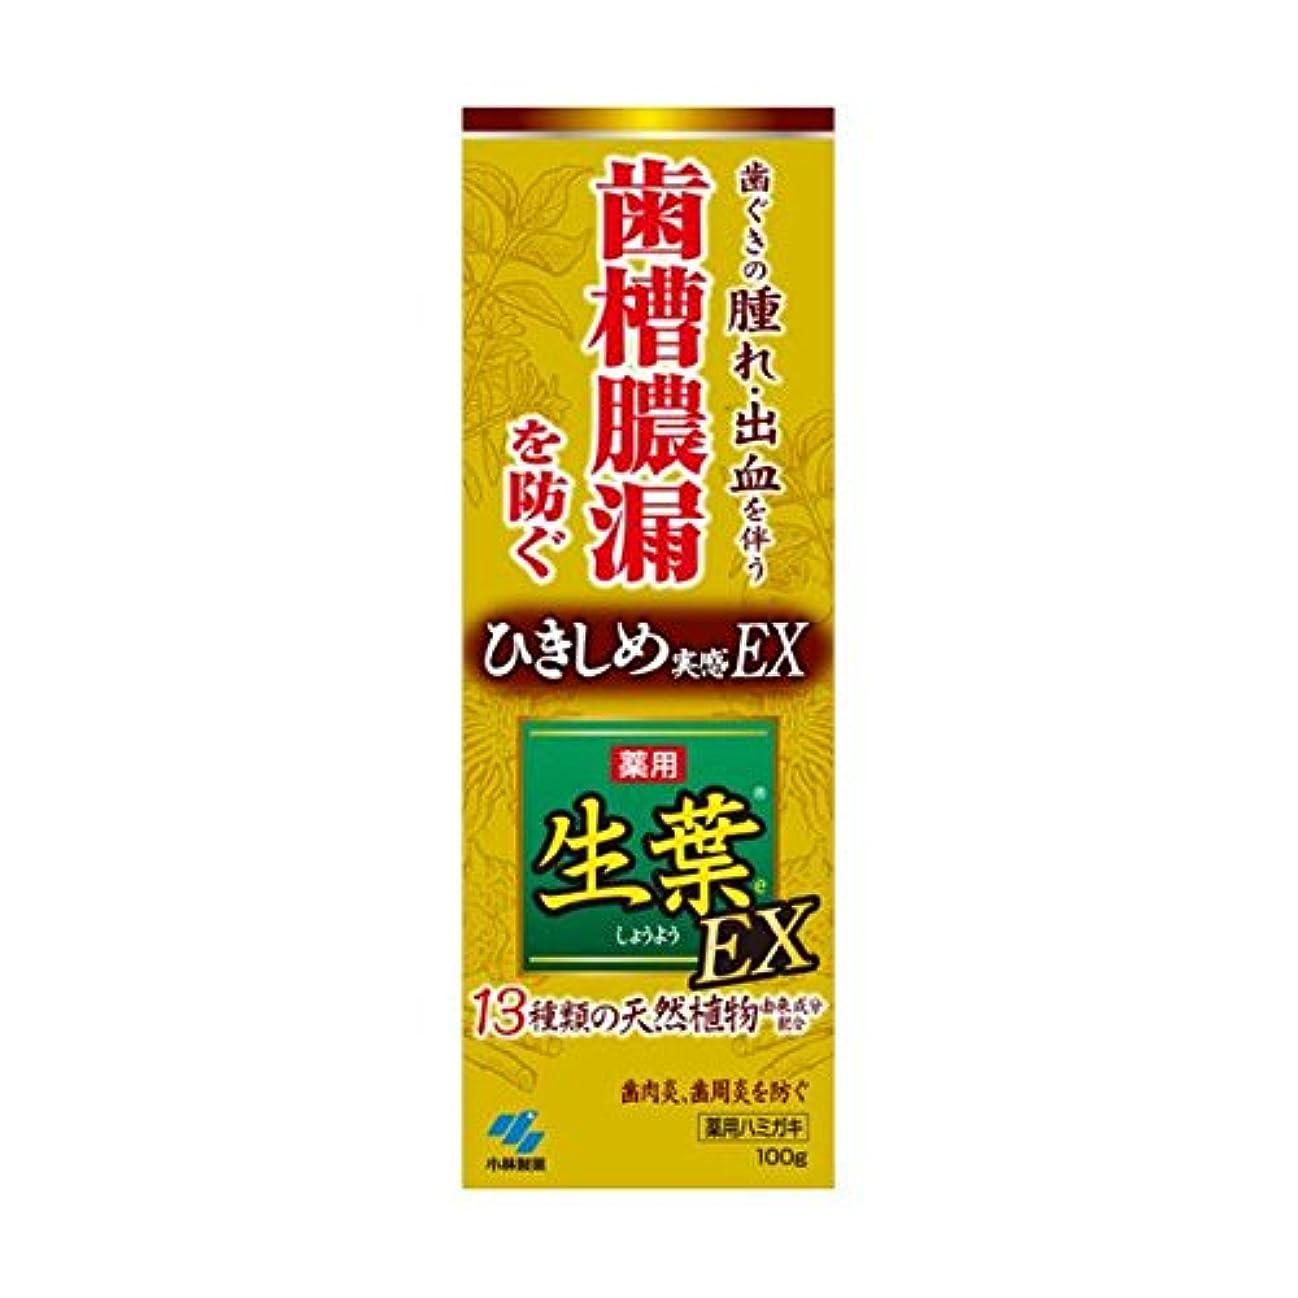 ネスト遅れ特定の生葉EX 100g x2個セット